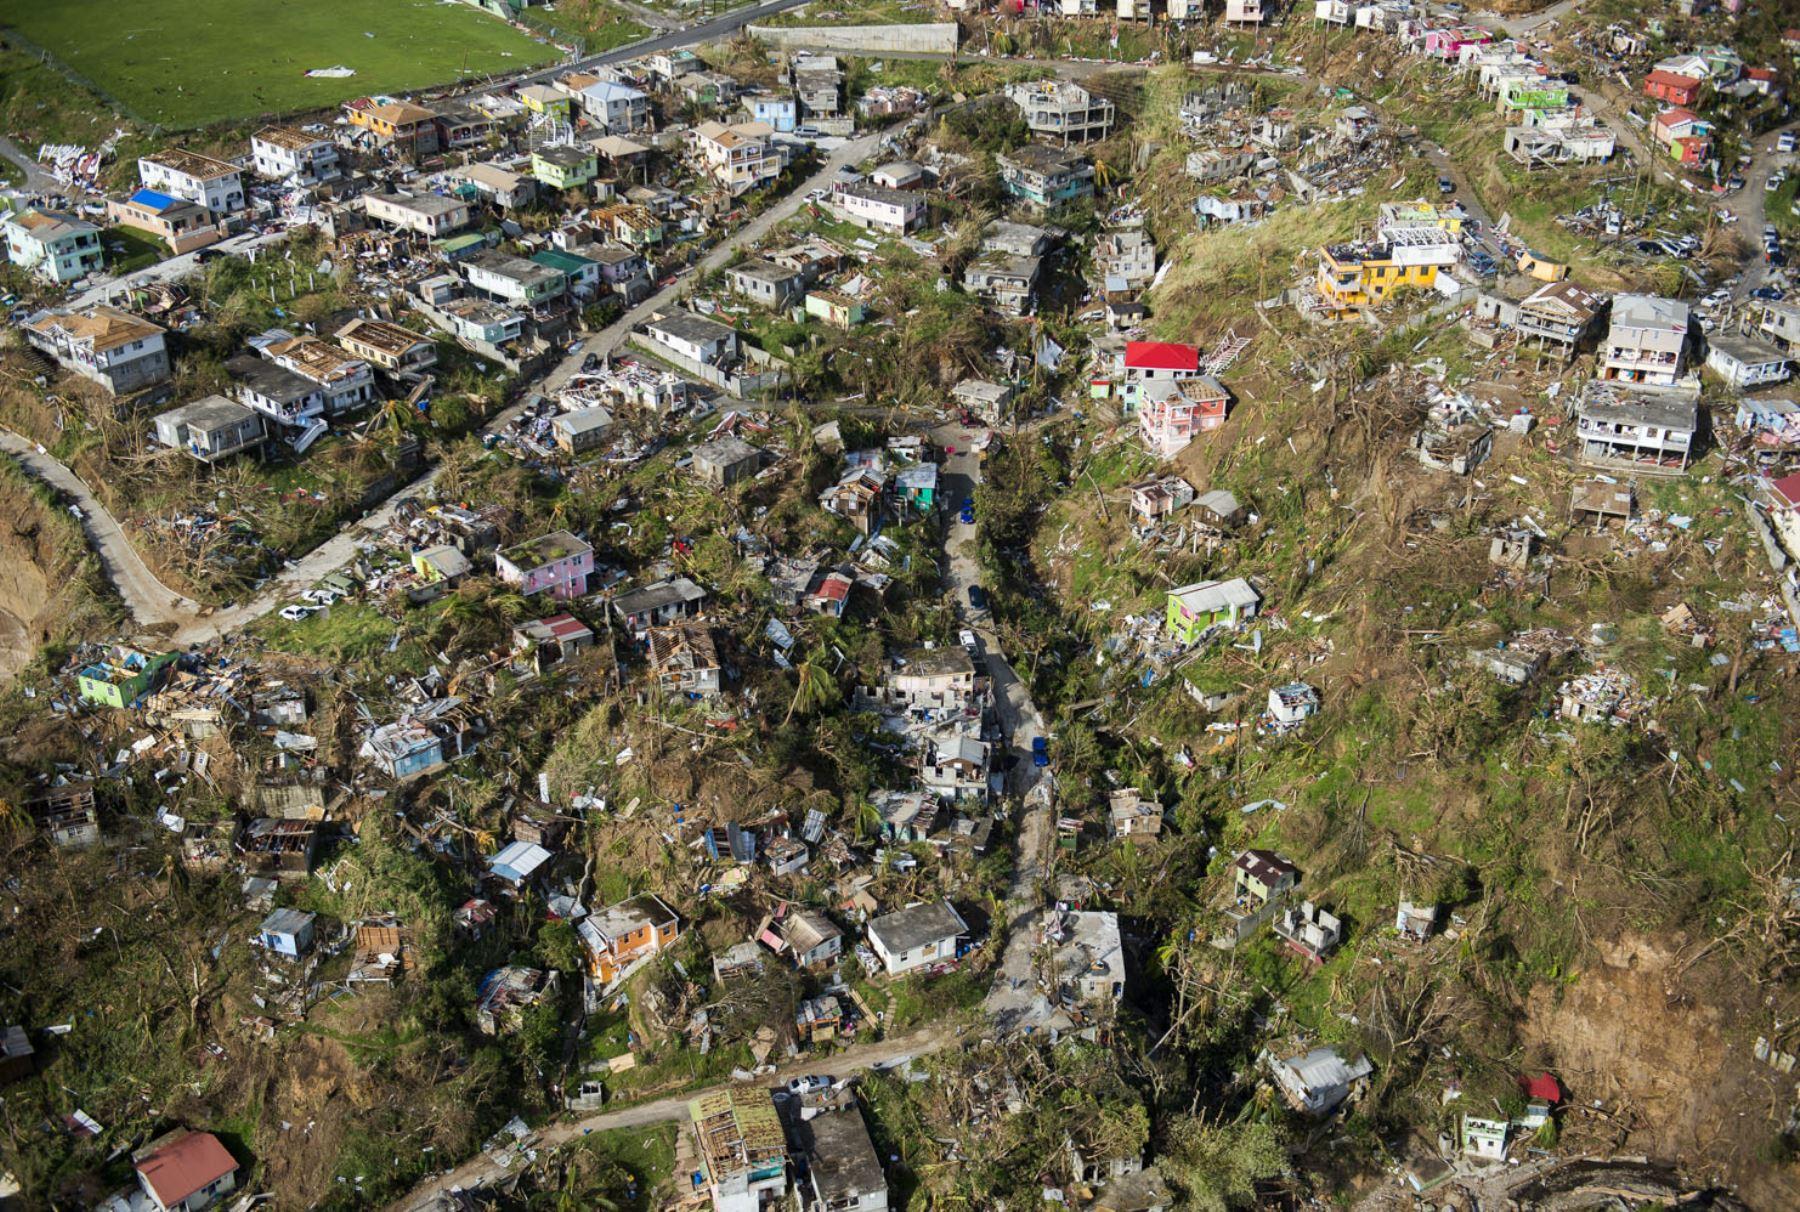 Roseau, isla caribeña de Dominica, muestra la destrucción, tres días después del paso del huracán María. Dominica. Foto:AFP